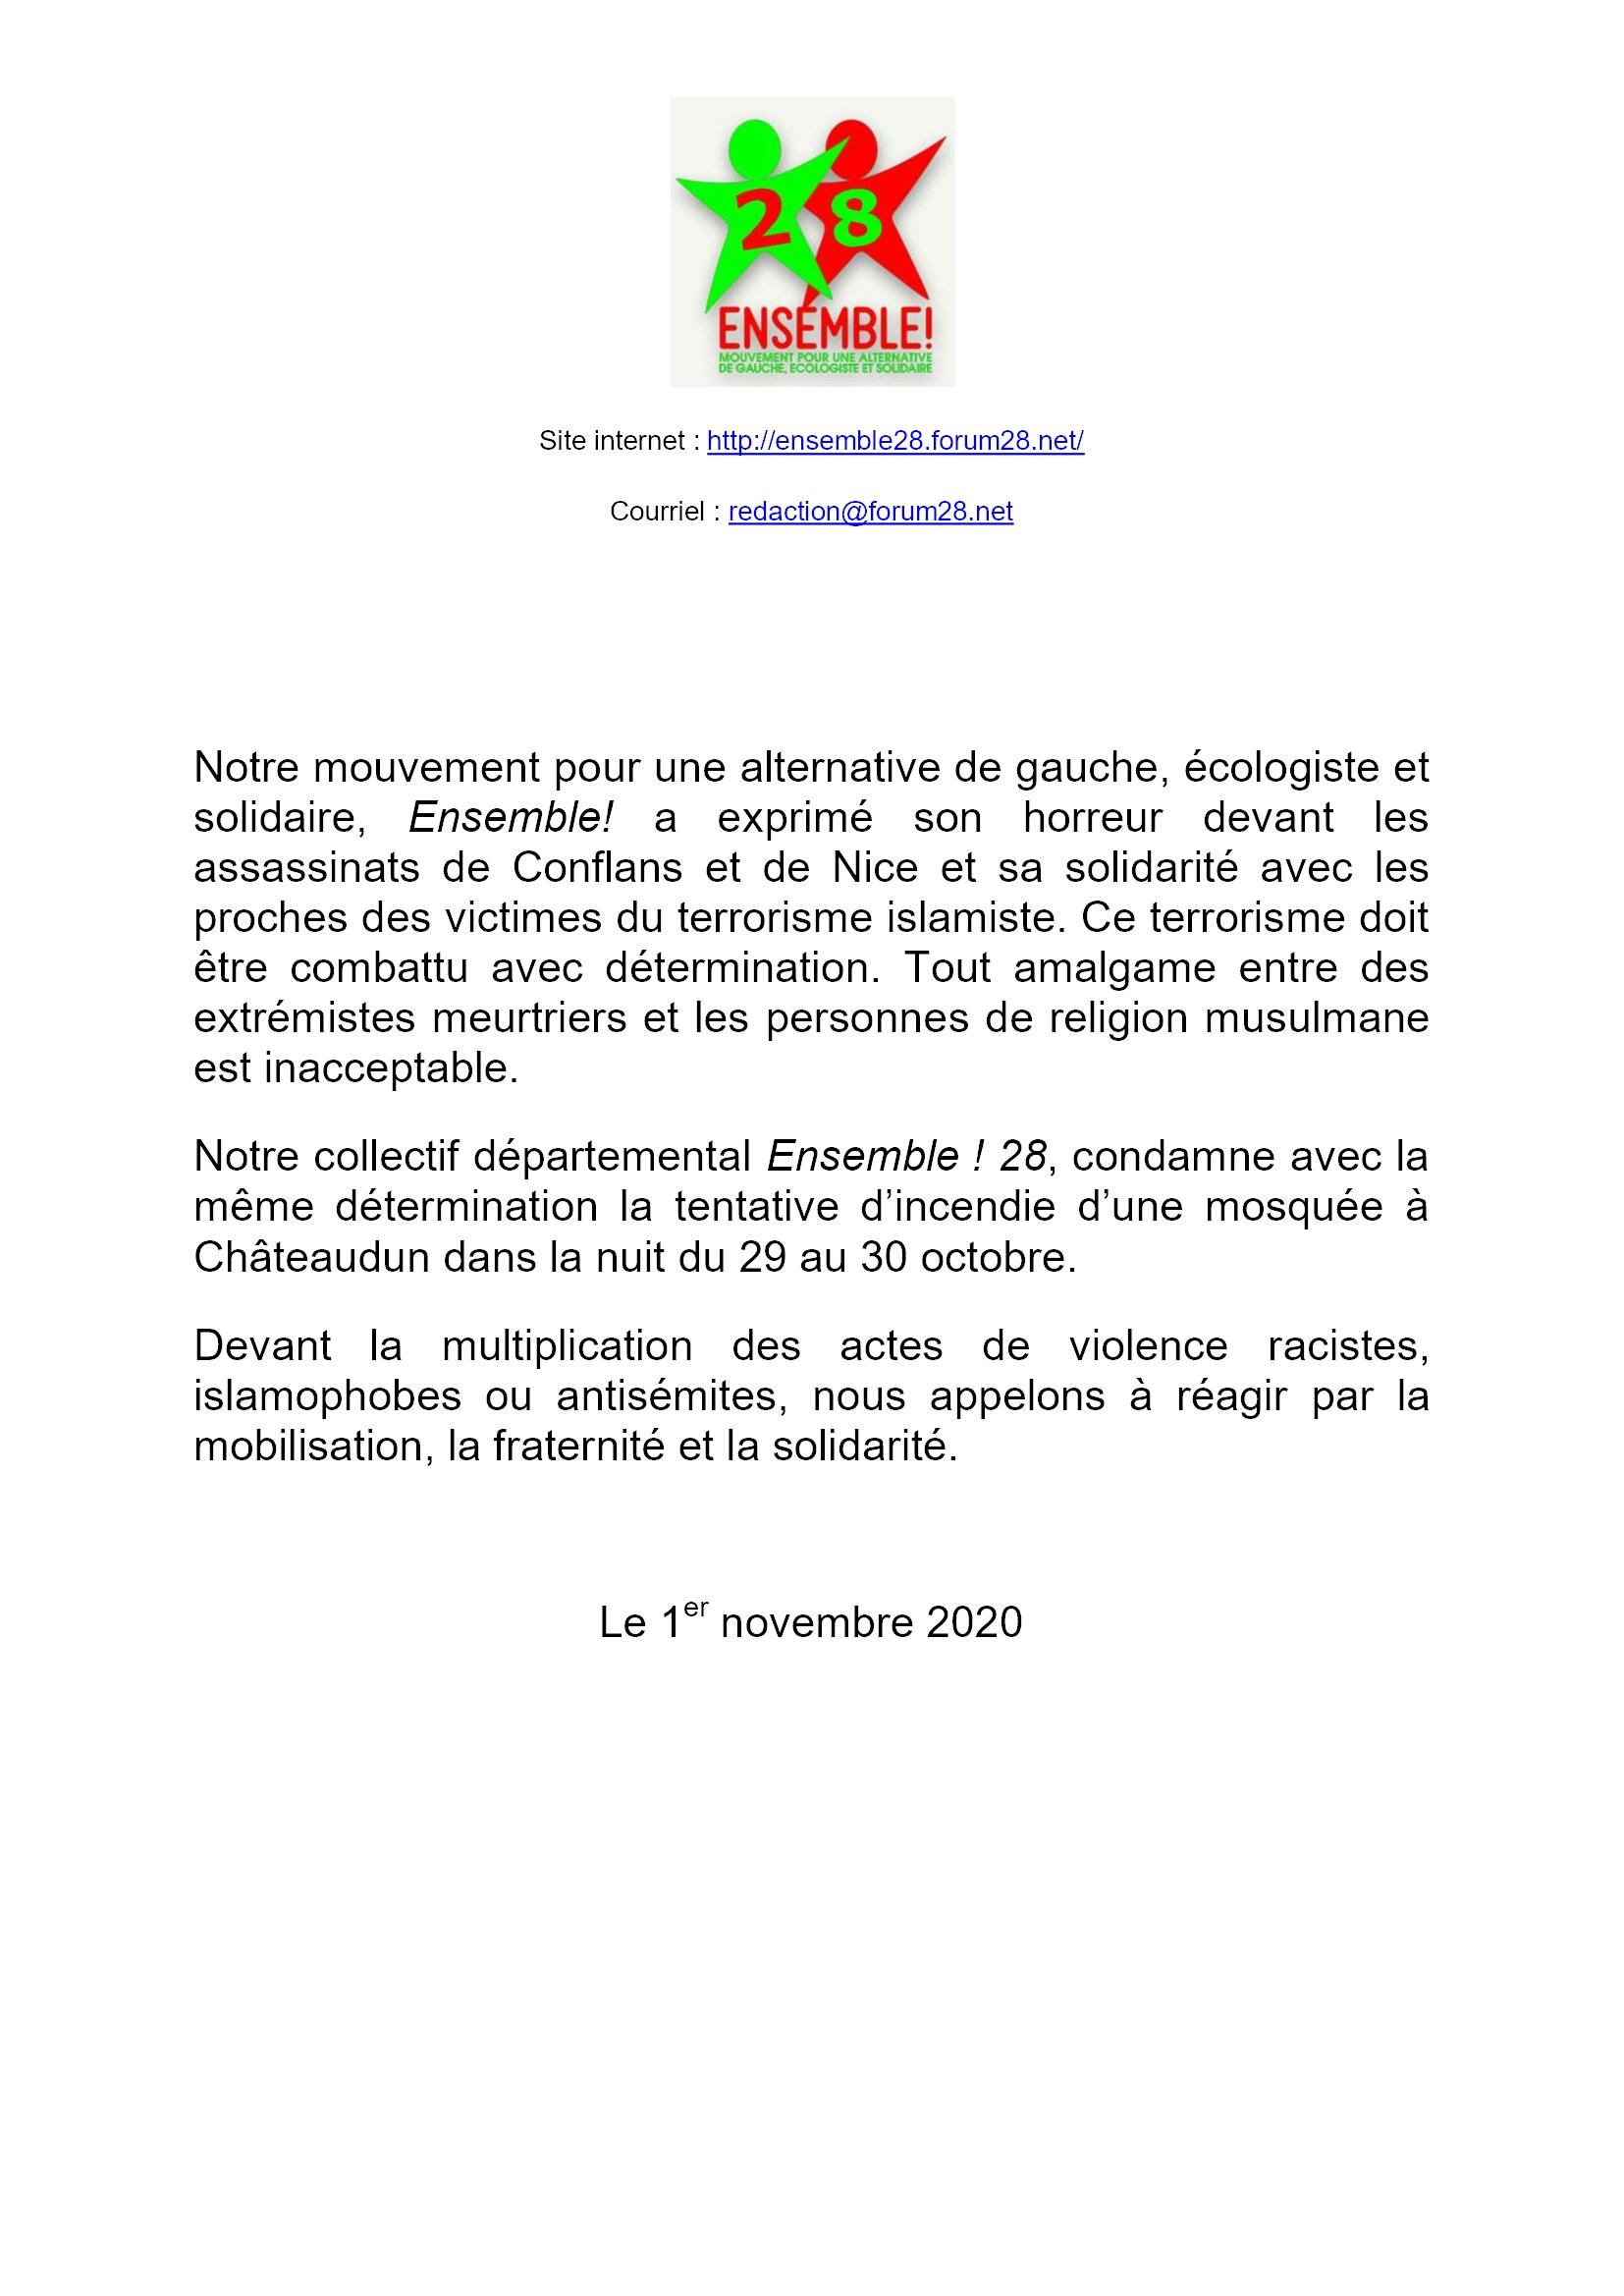 2020 11 01 Communiqué E!28 après tentative d'incendie d'une mosquée à Châteaudun